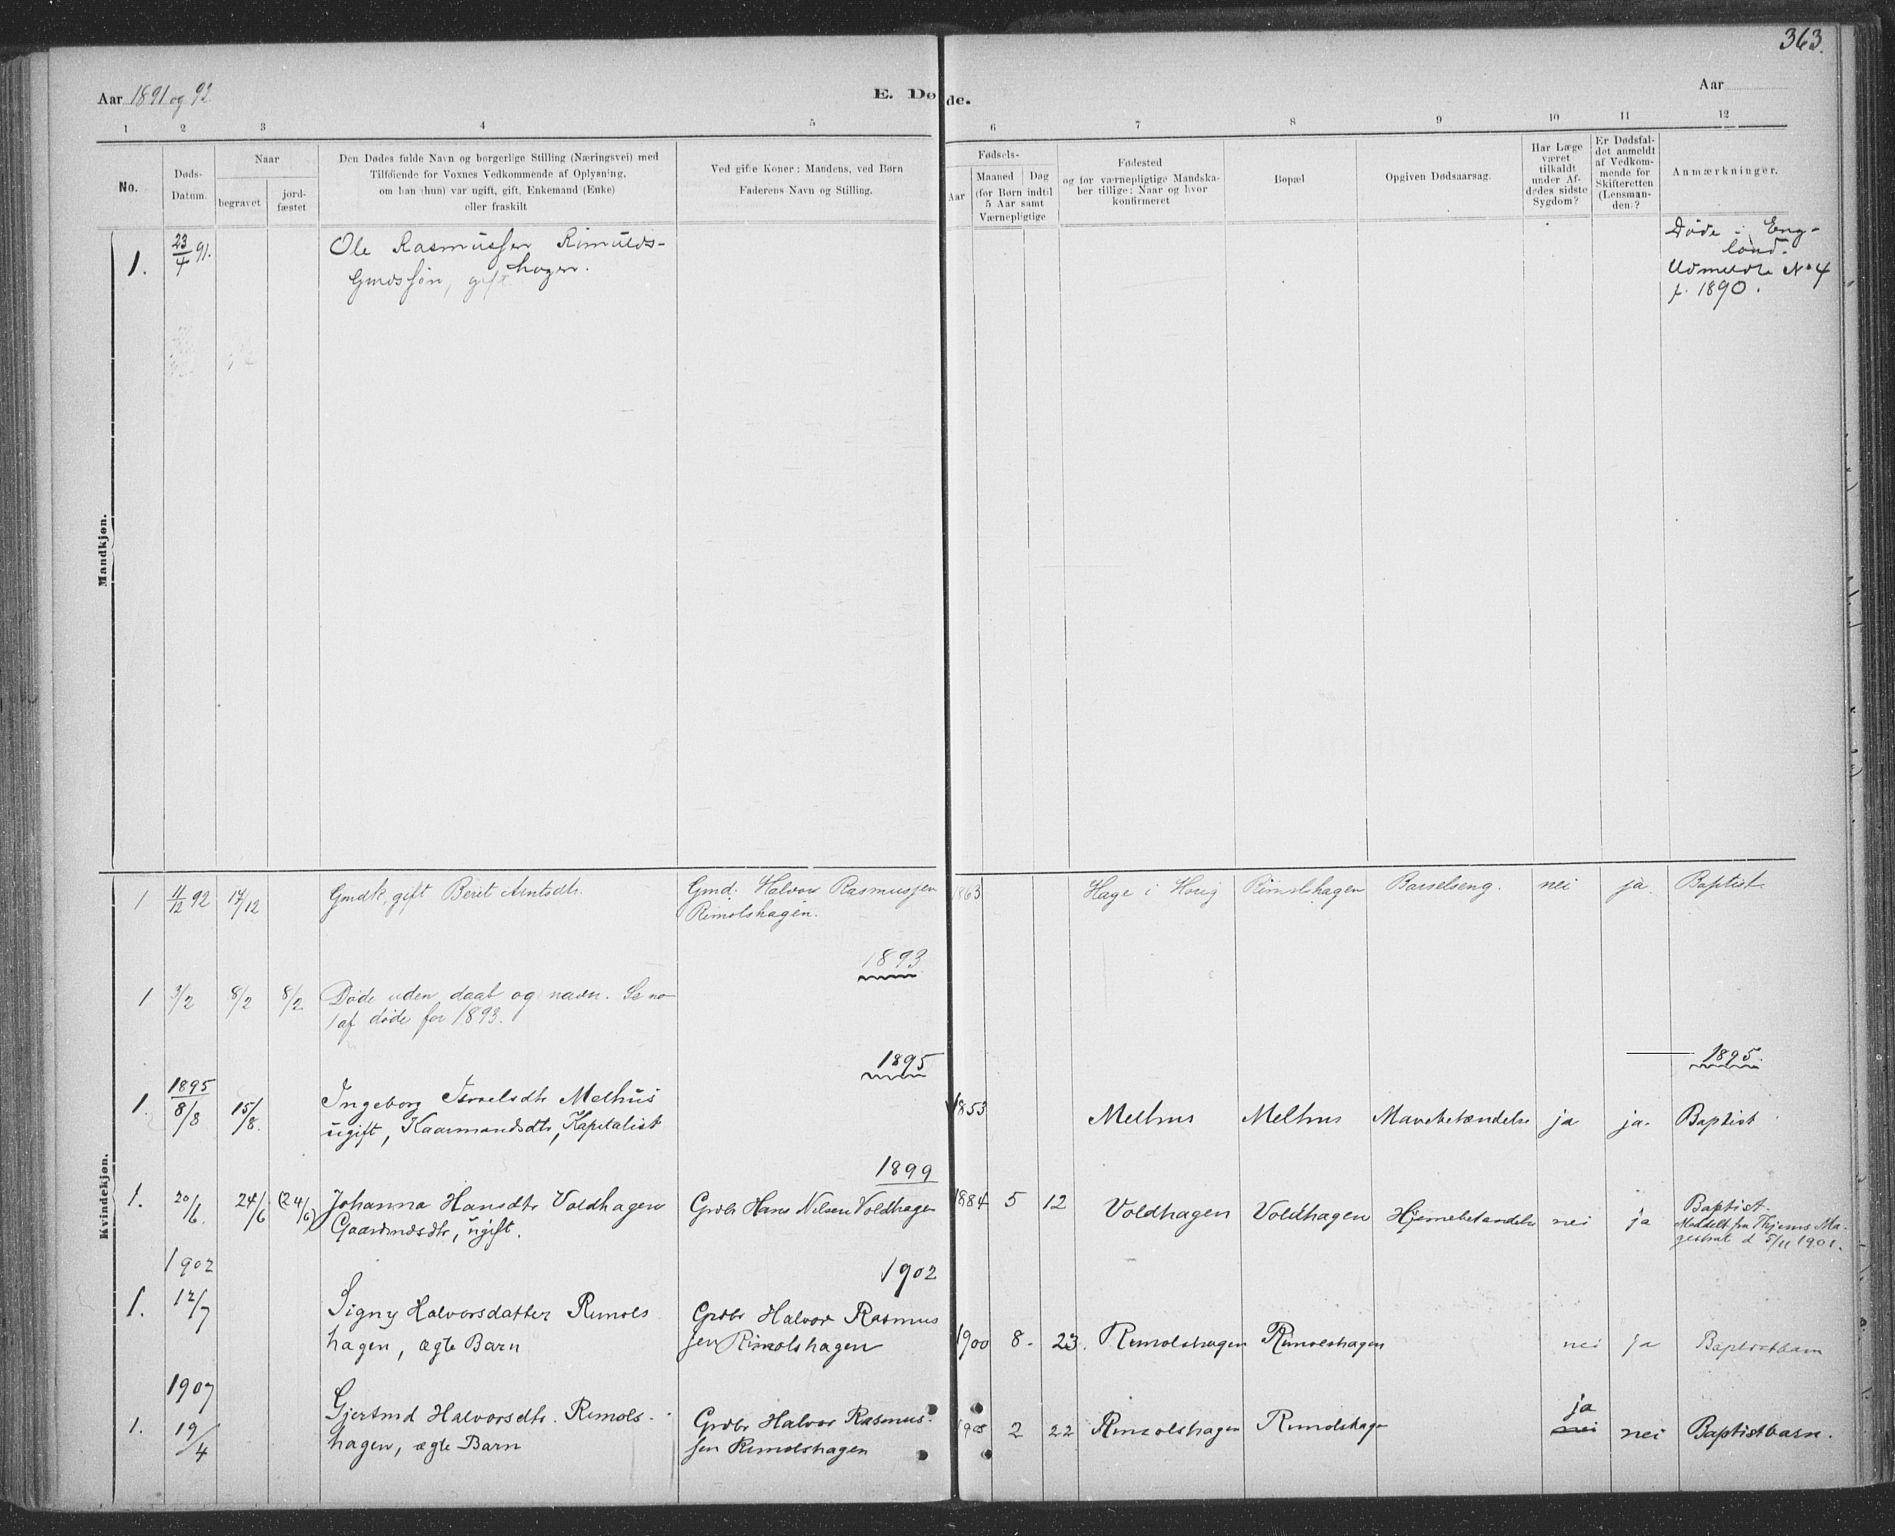 SAT, Ministerialprotokoller, klokkerbøker og fødselsregistre - Sør-Trøndelag, 691/L1085: Ministerialbok nr. 691A17, 1887-1908, s. 363